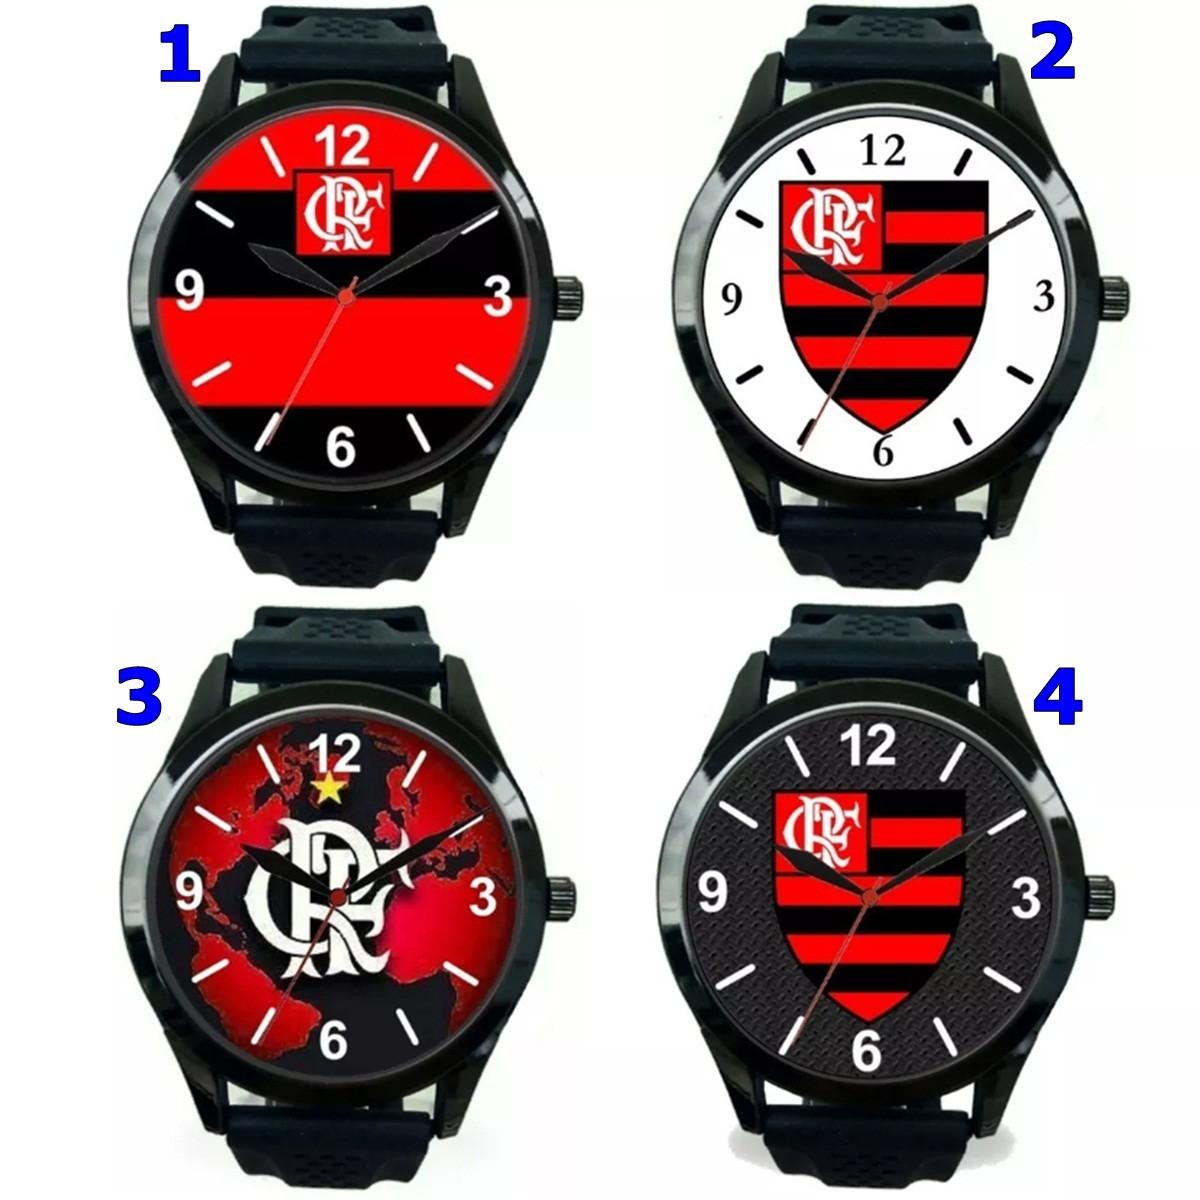 29c10c48328 1 Relógio pulso personalizado esportivo Flamengo barato no Elo7 ...